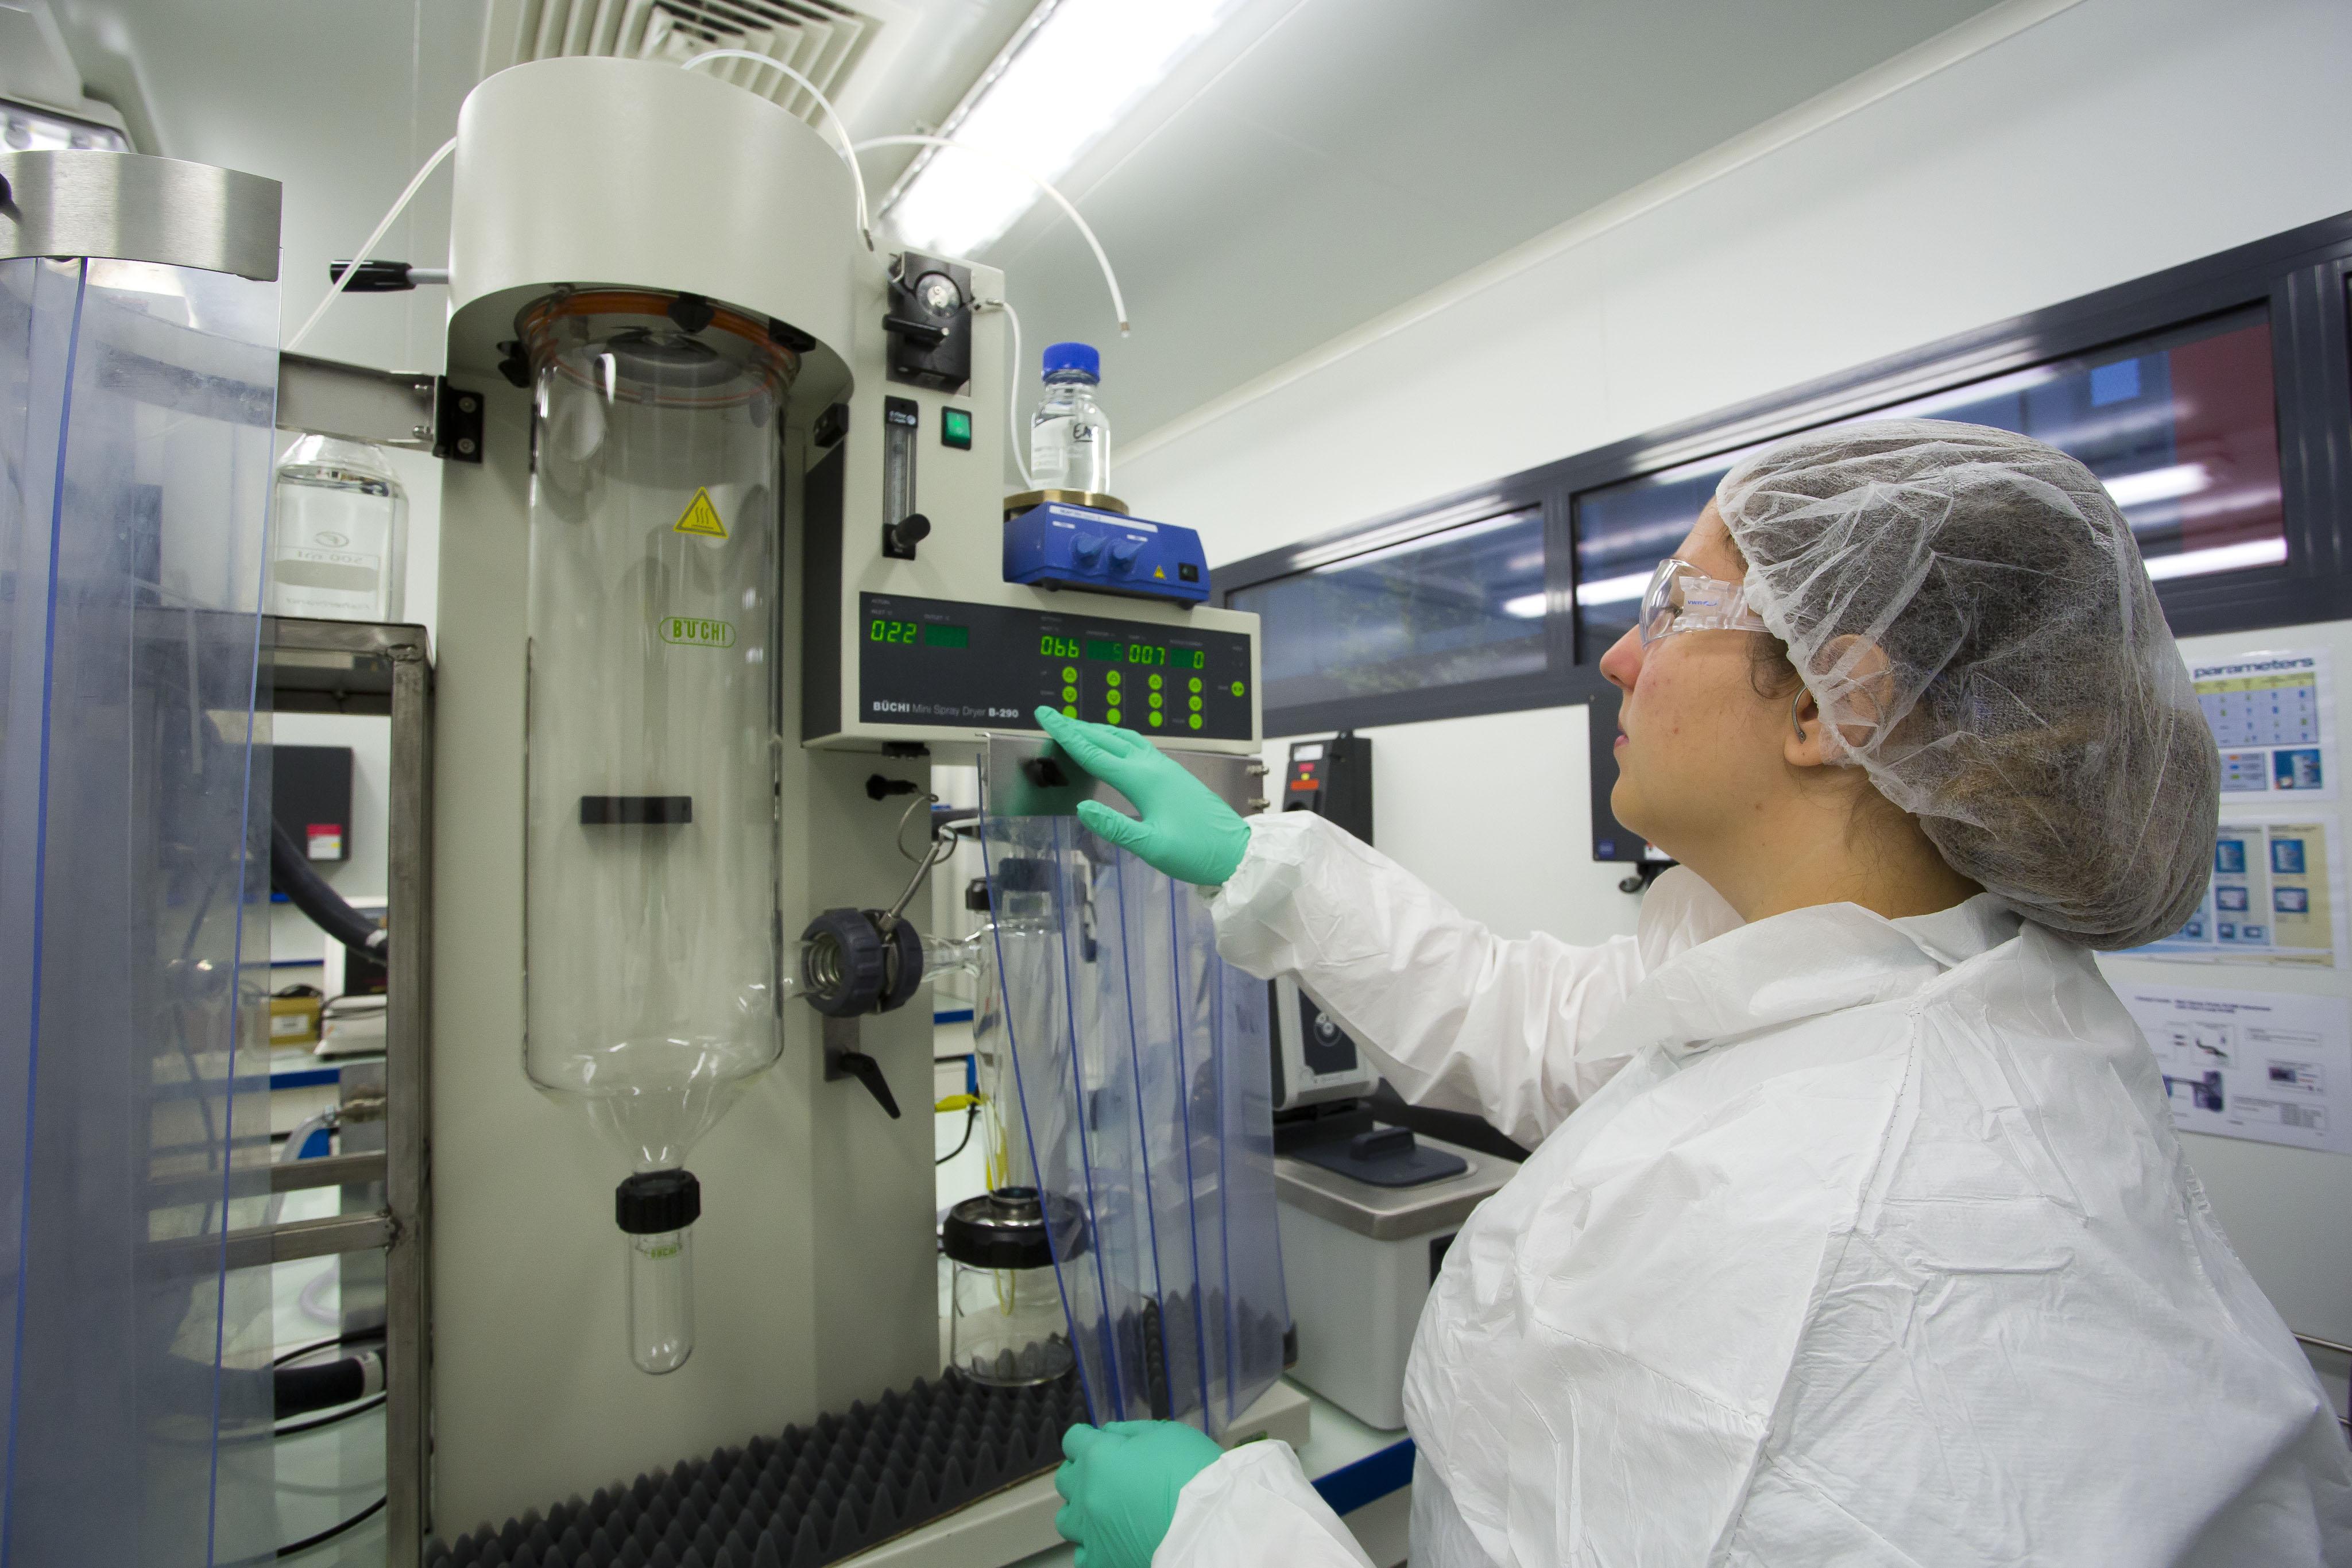 Essai d'atomisation de deux solution organiques à l'aide d'u